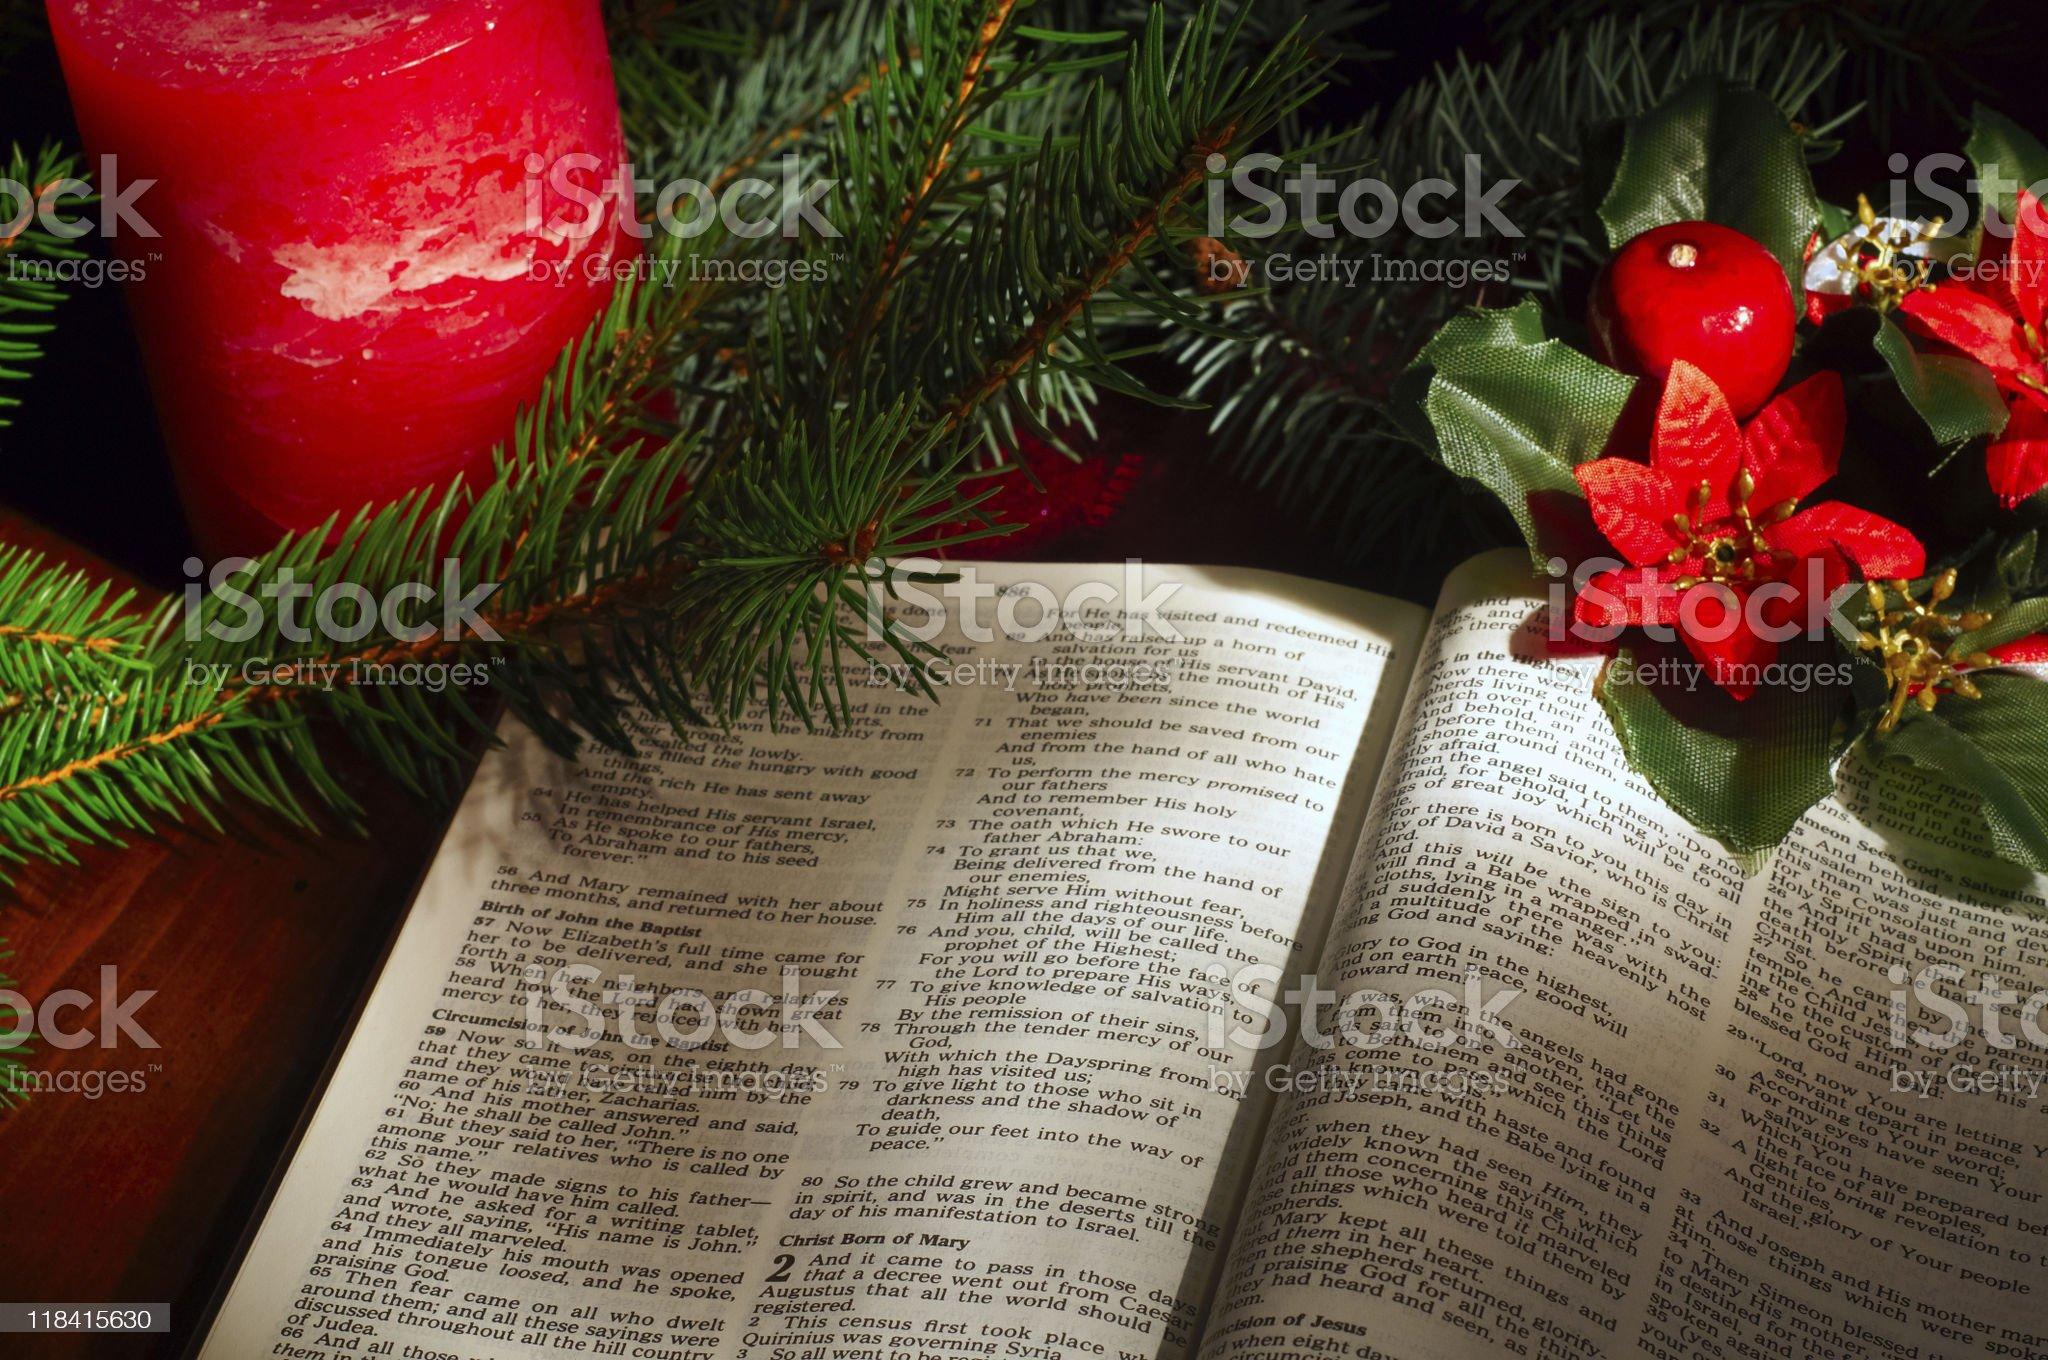 Christmas ensemble royalty-free stock photo